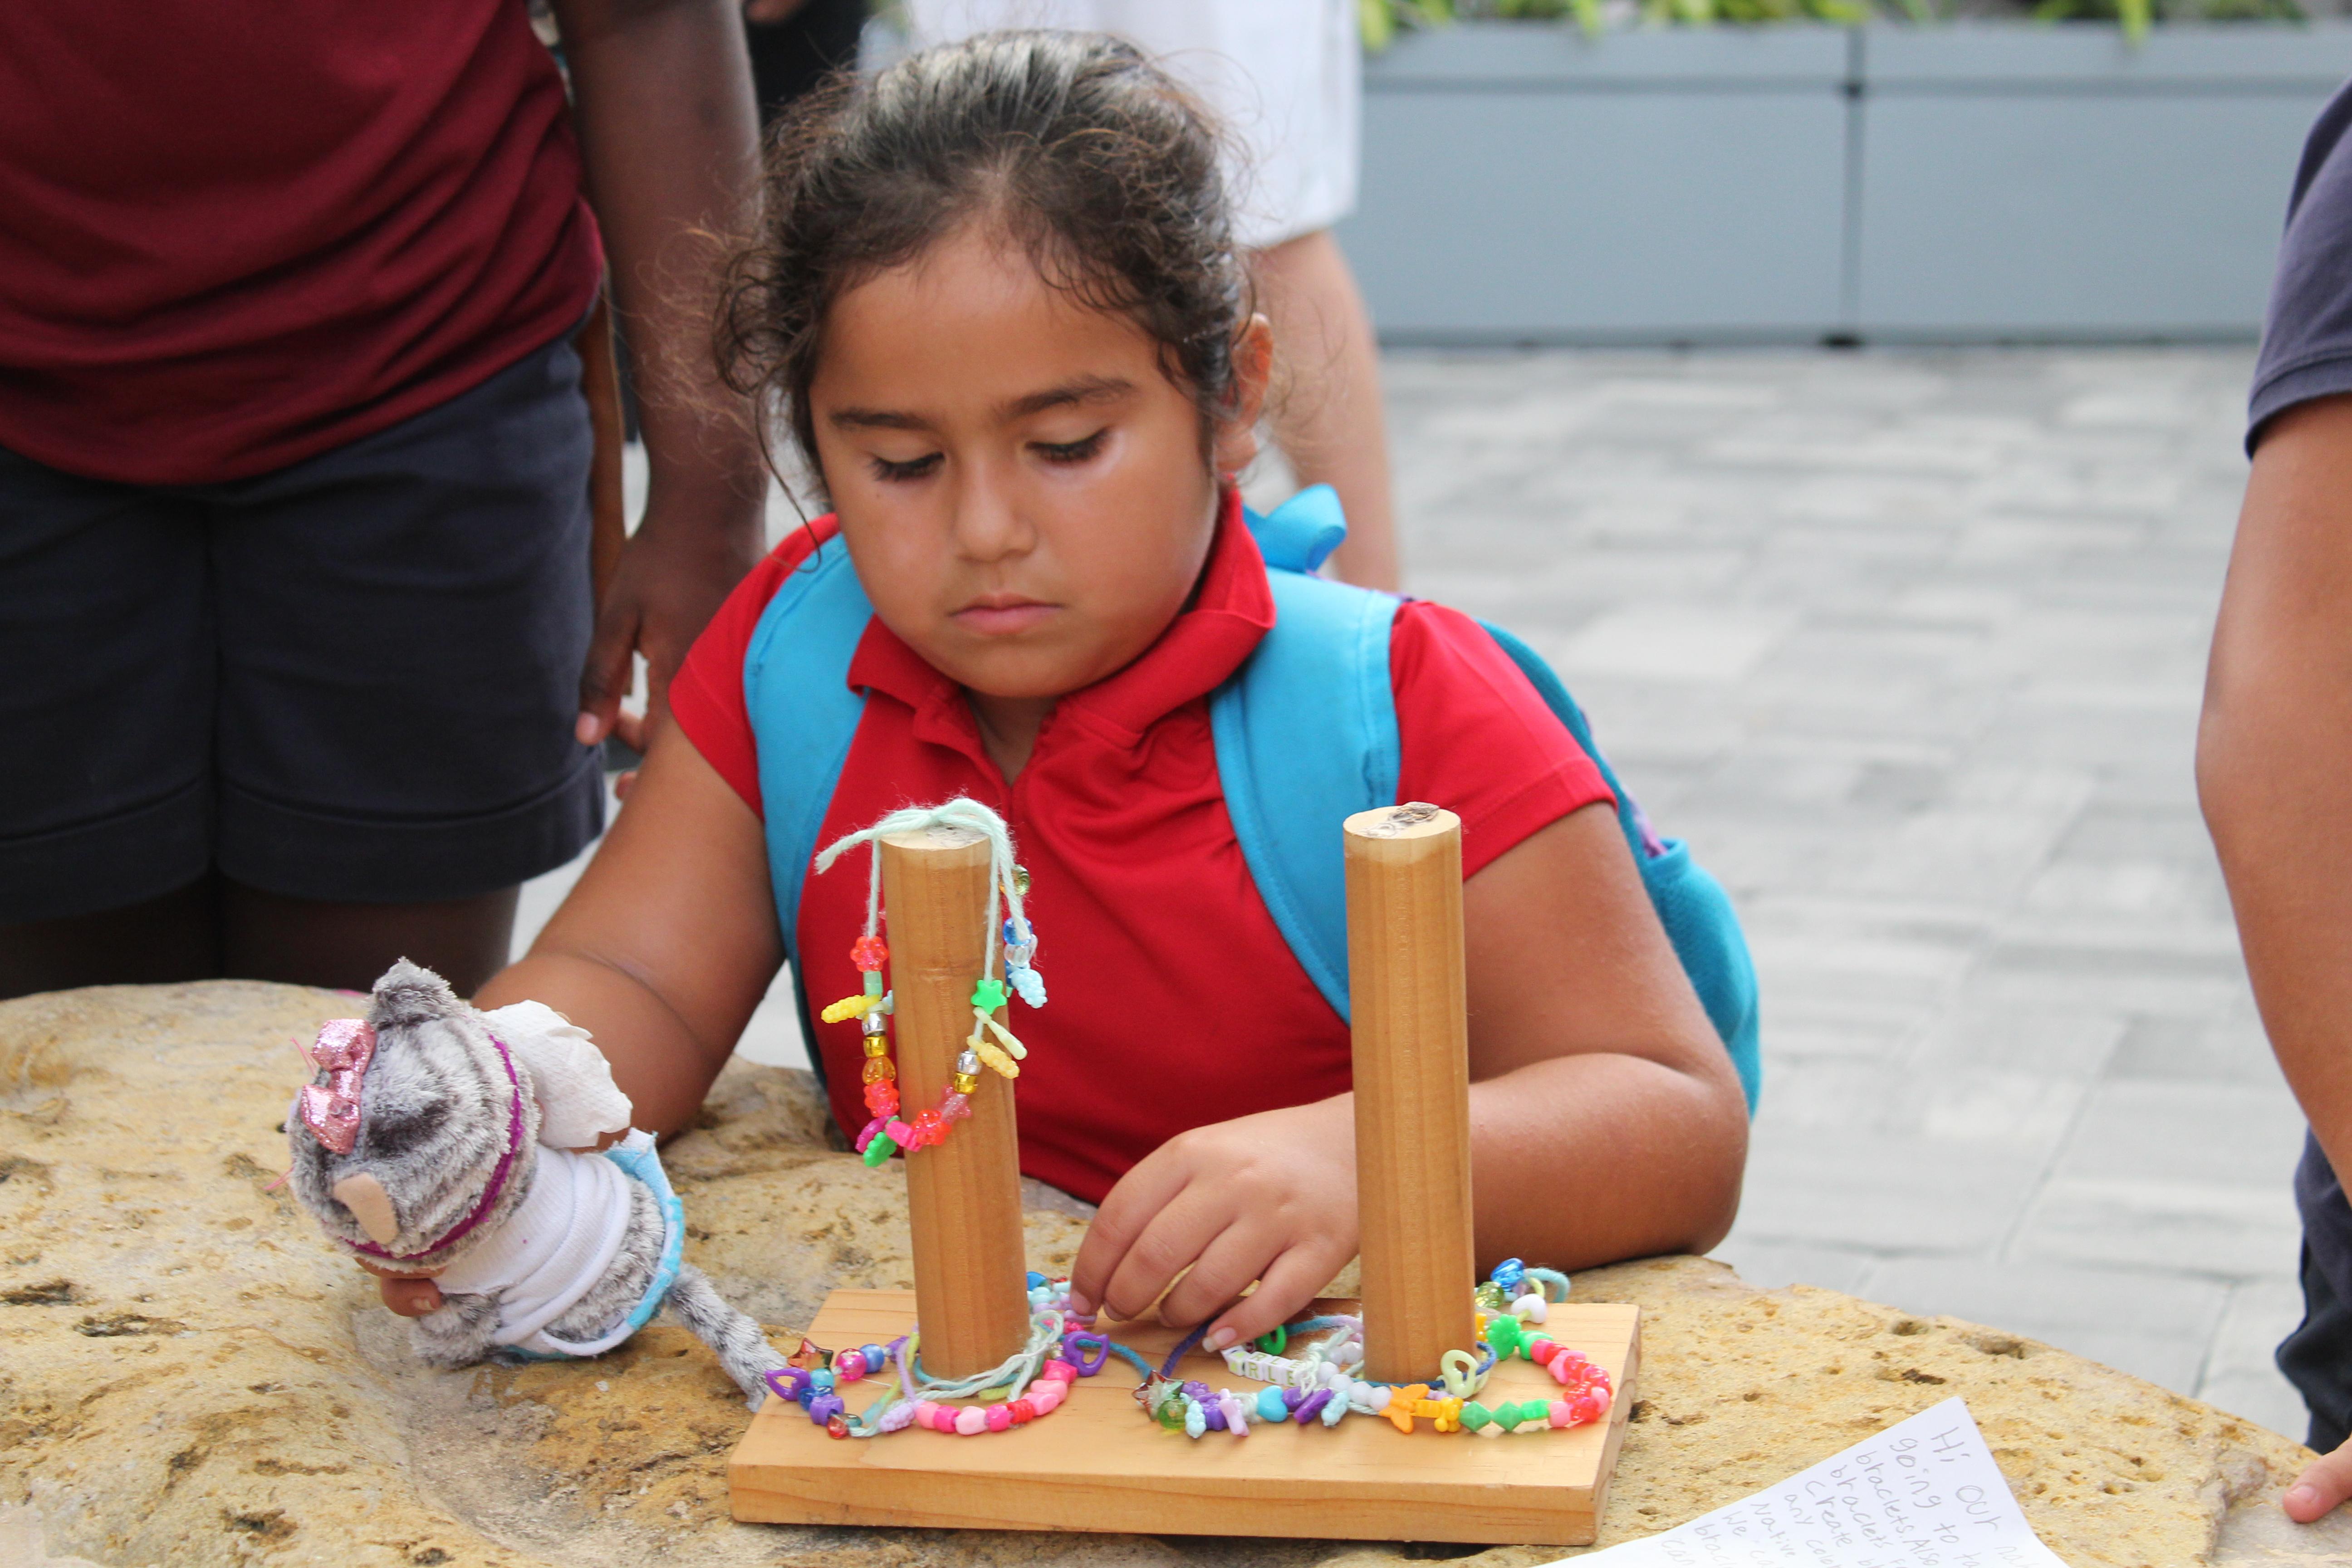 gift setting up her handmade bracelets